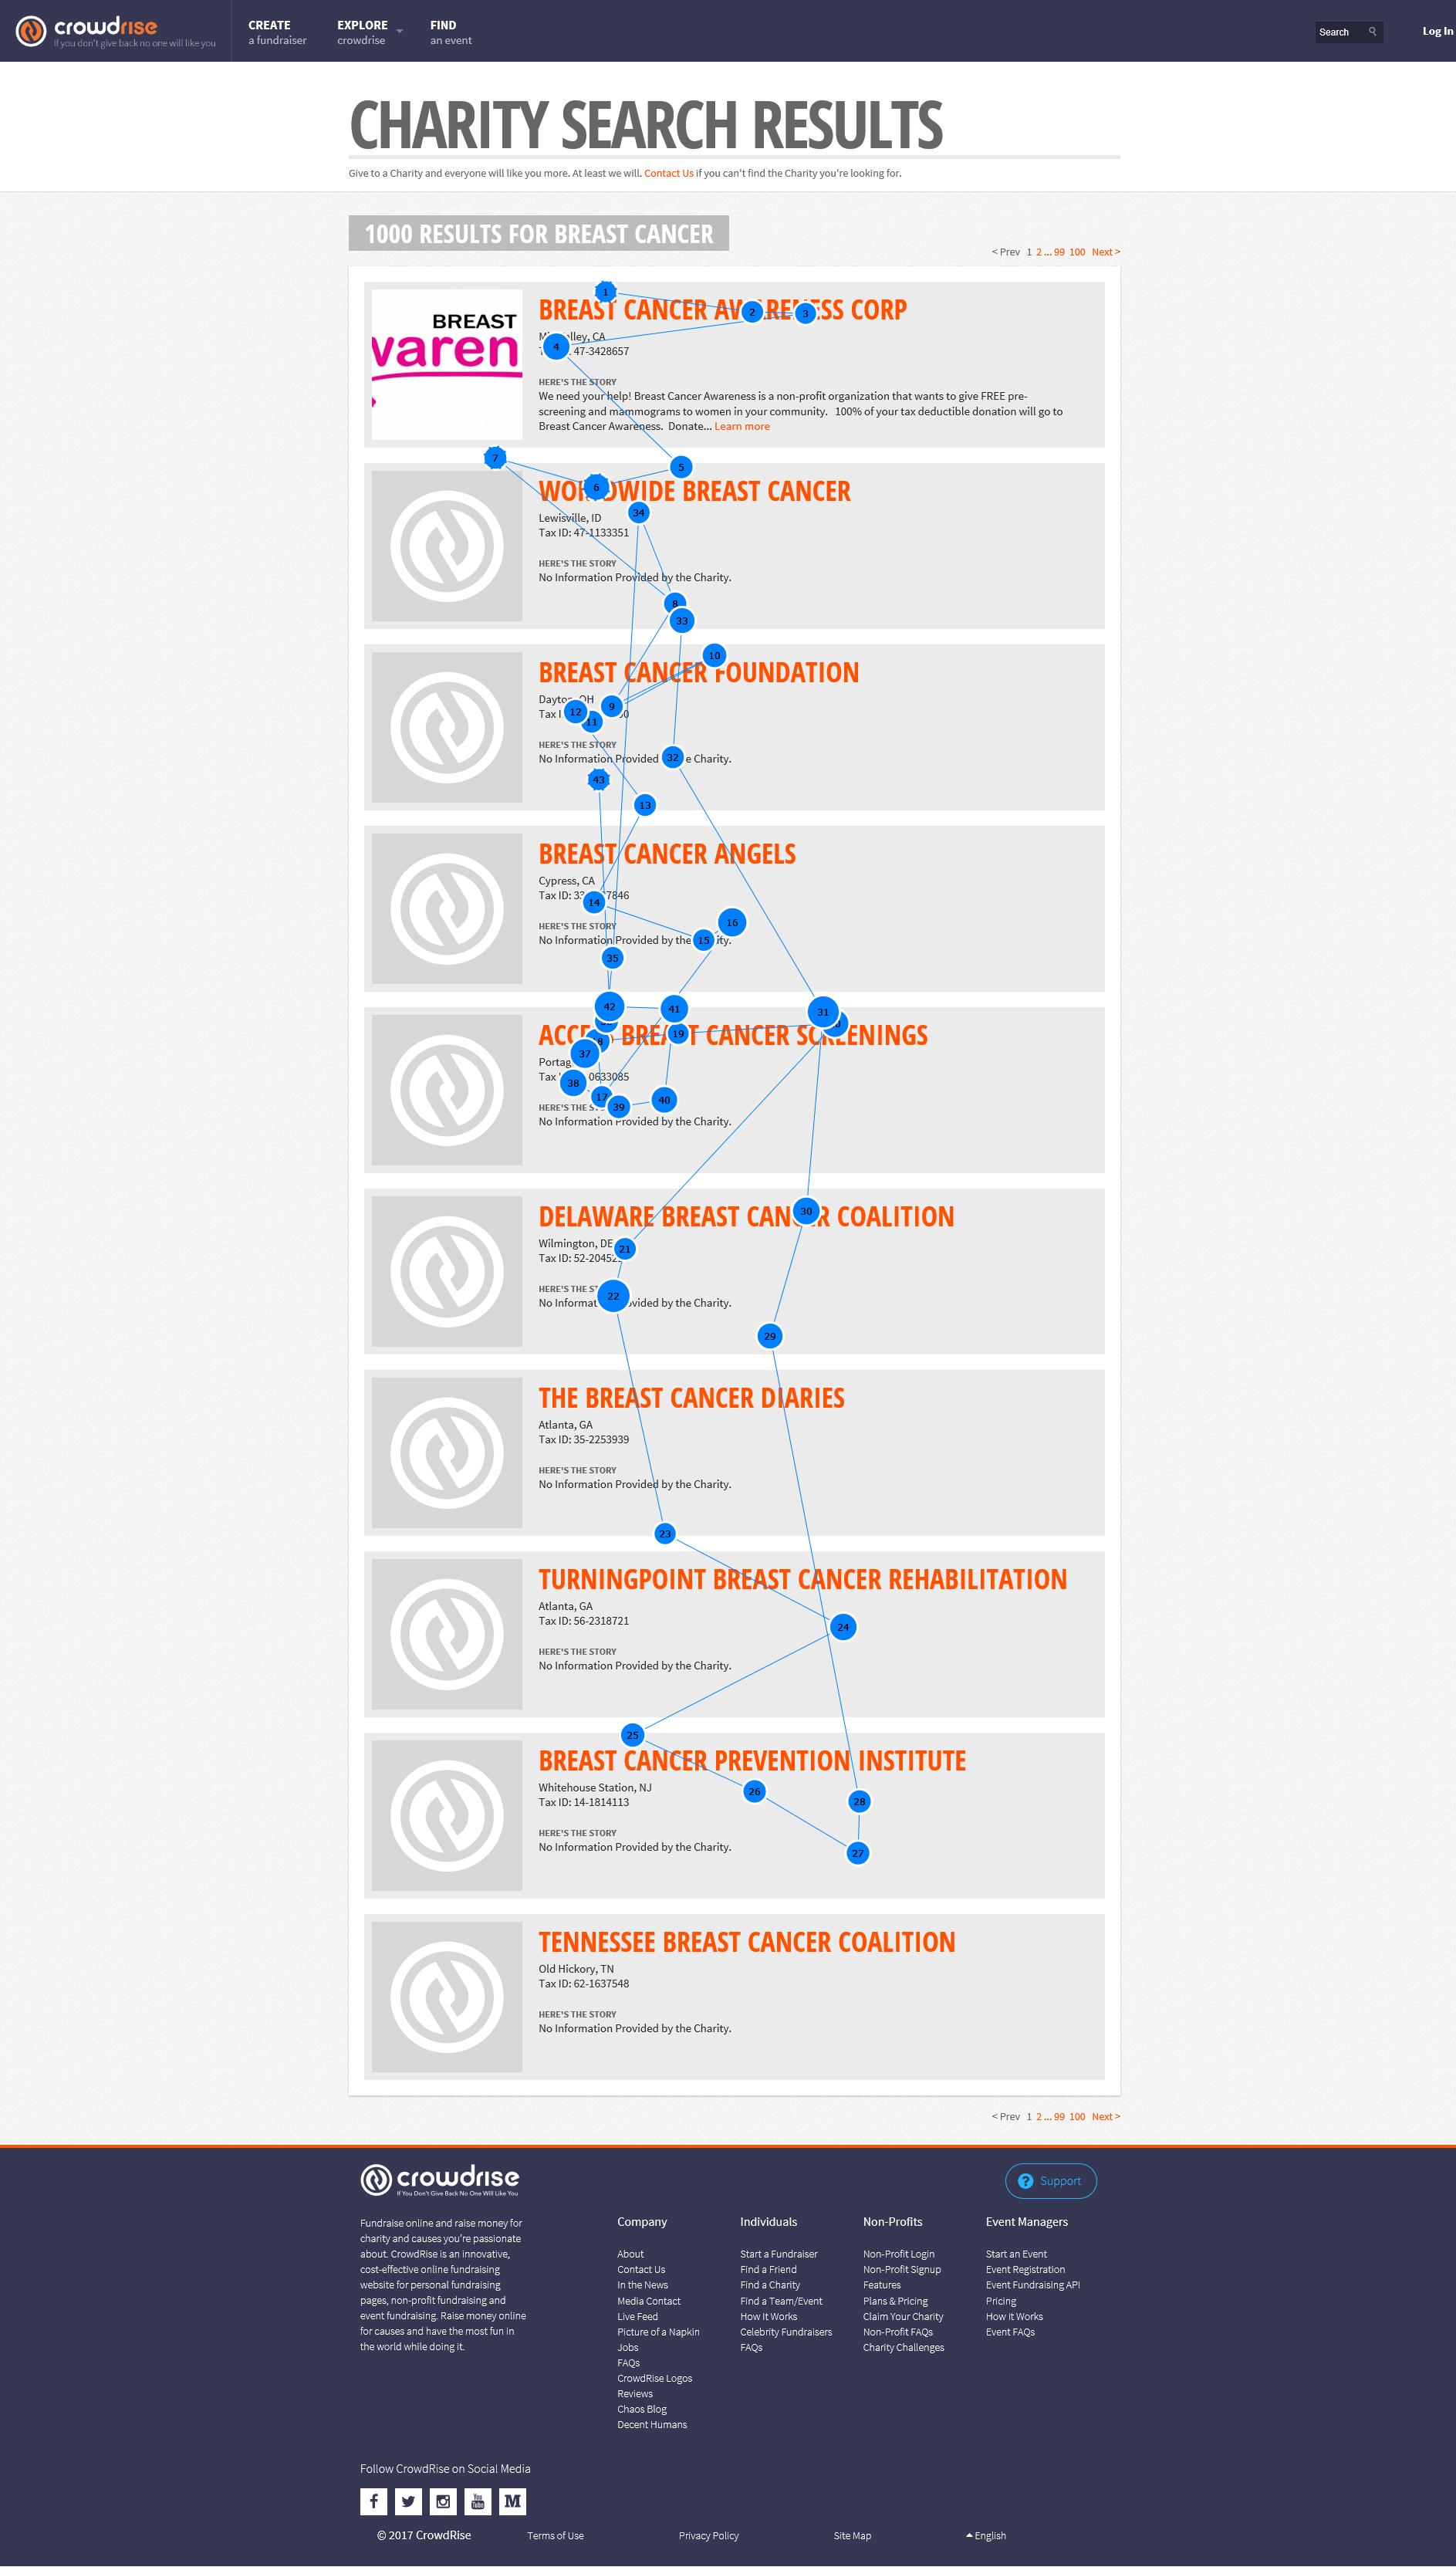 Szakkádikus szemmozgások különböző webes felületeken: a tartalom vezeti a szemet